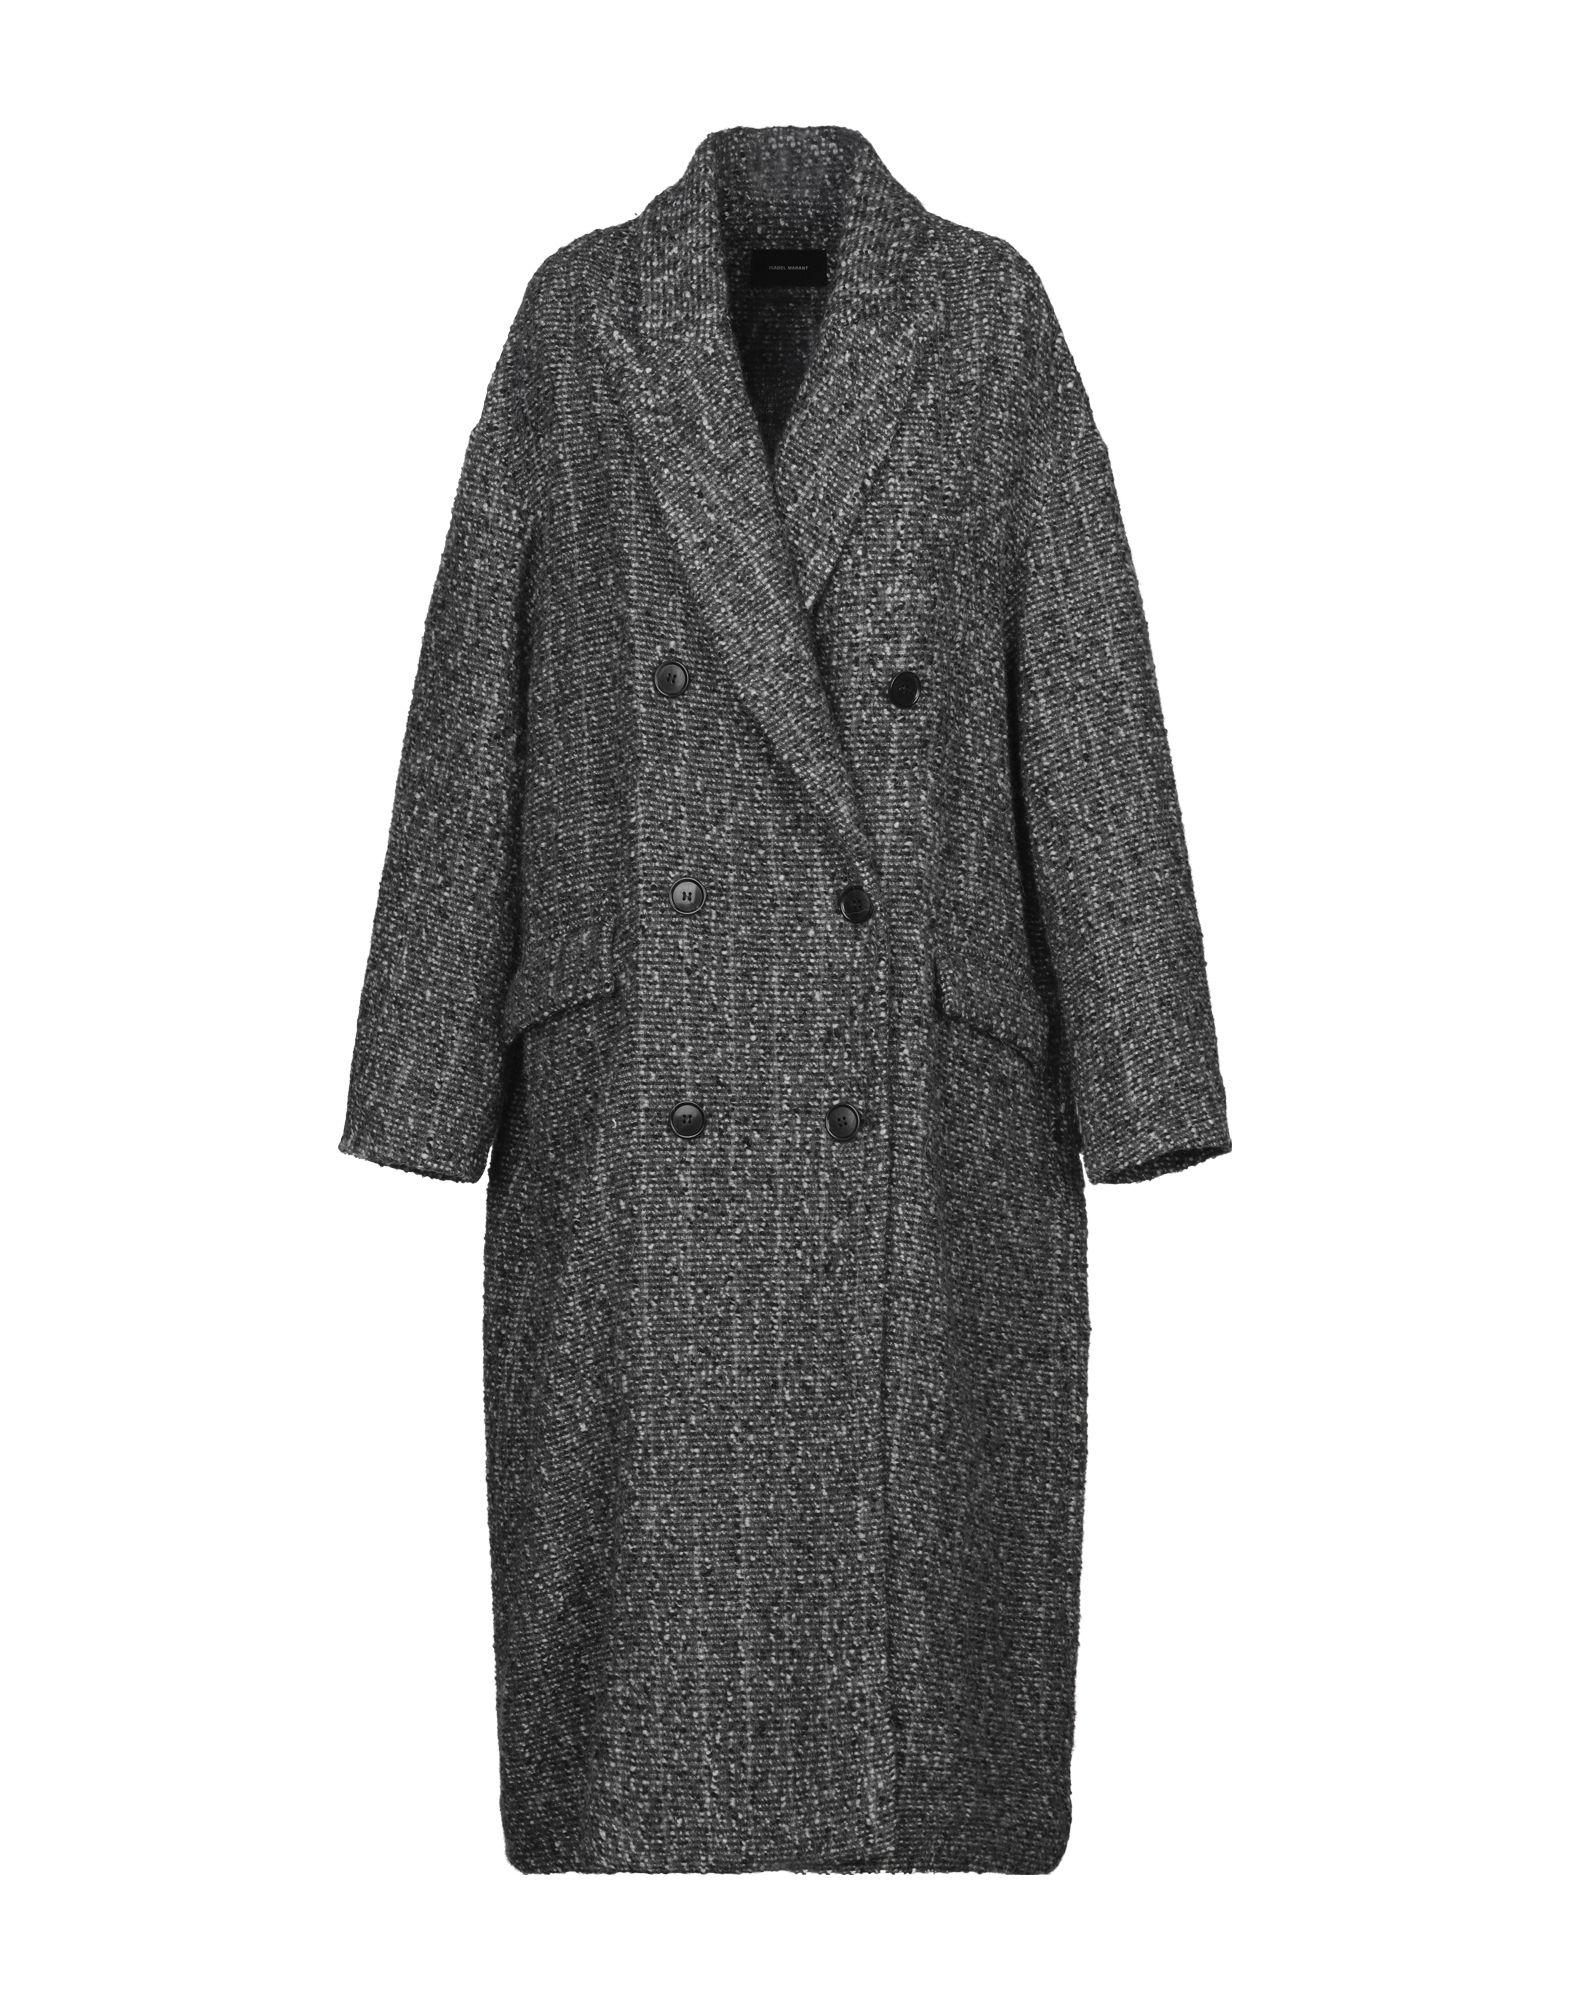 ISABEL MARANT Пальто isabel marant легкое пальто